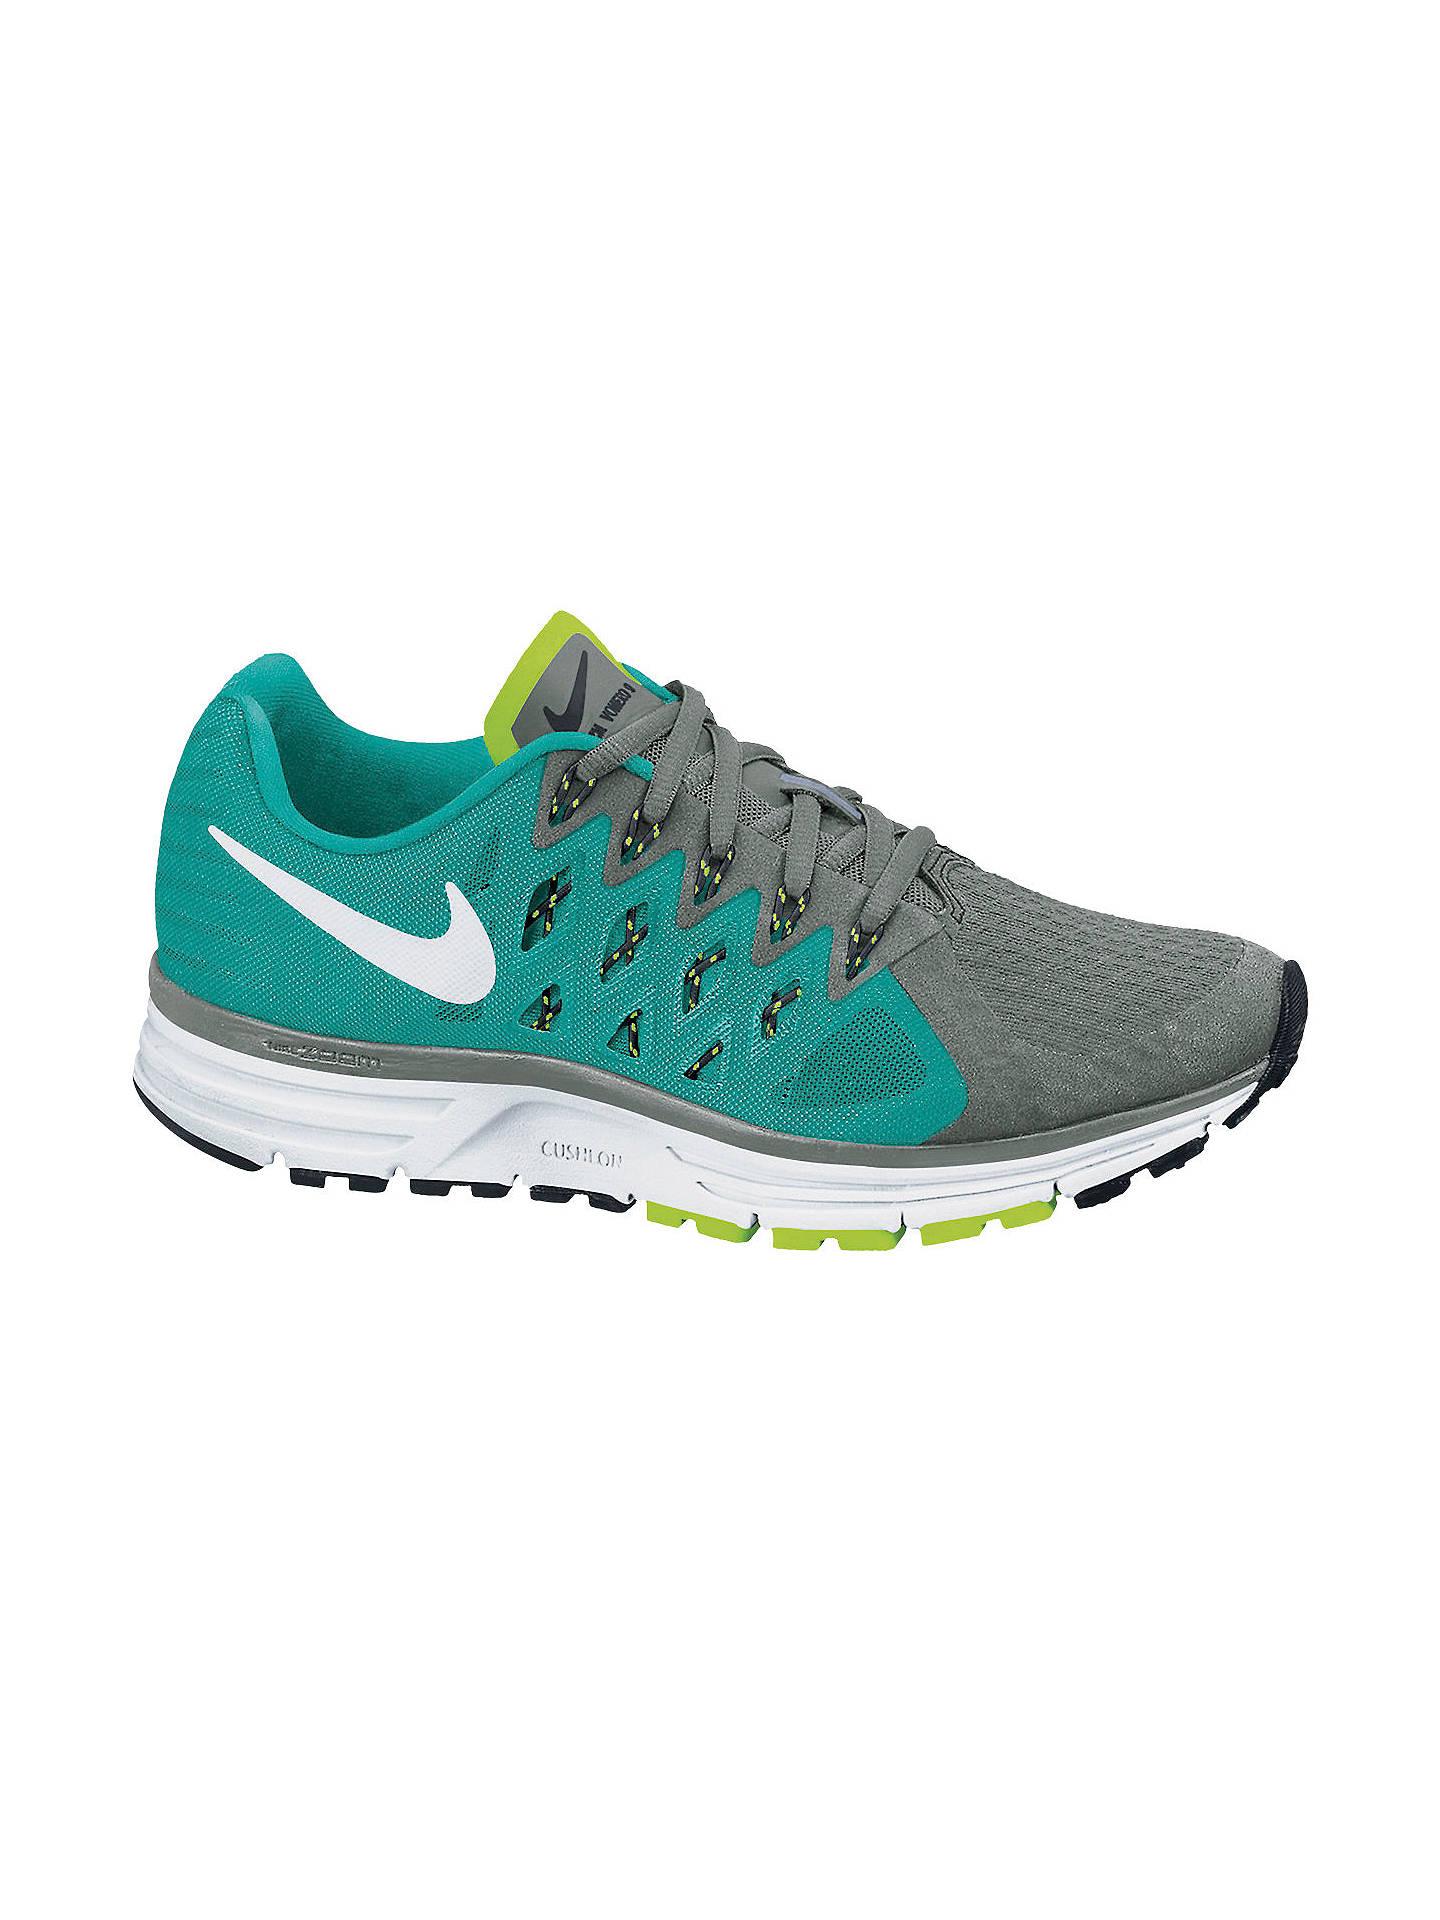 Nike Zoom Vomero 9 Women's Running